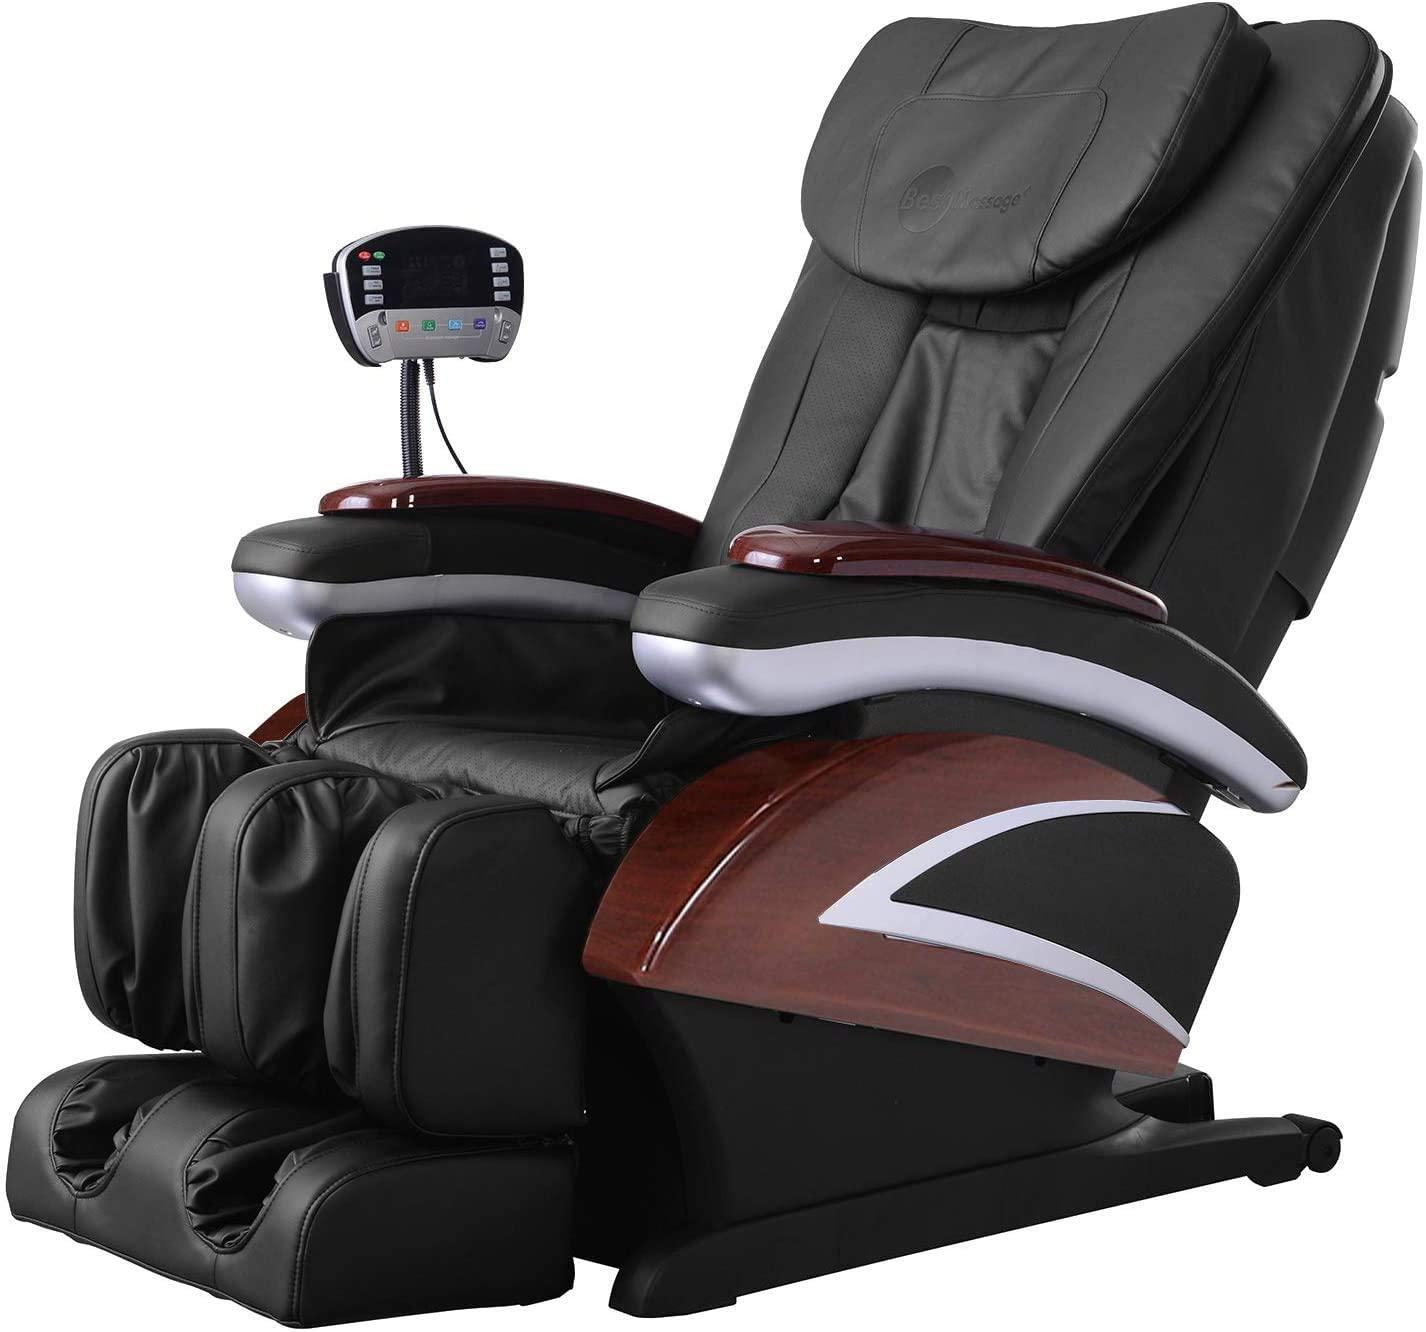 massagechair.jpg